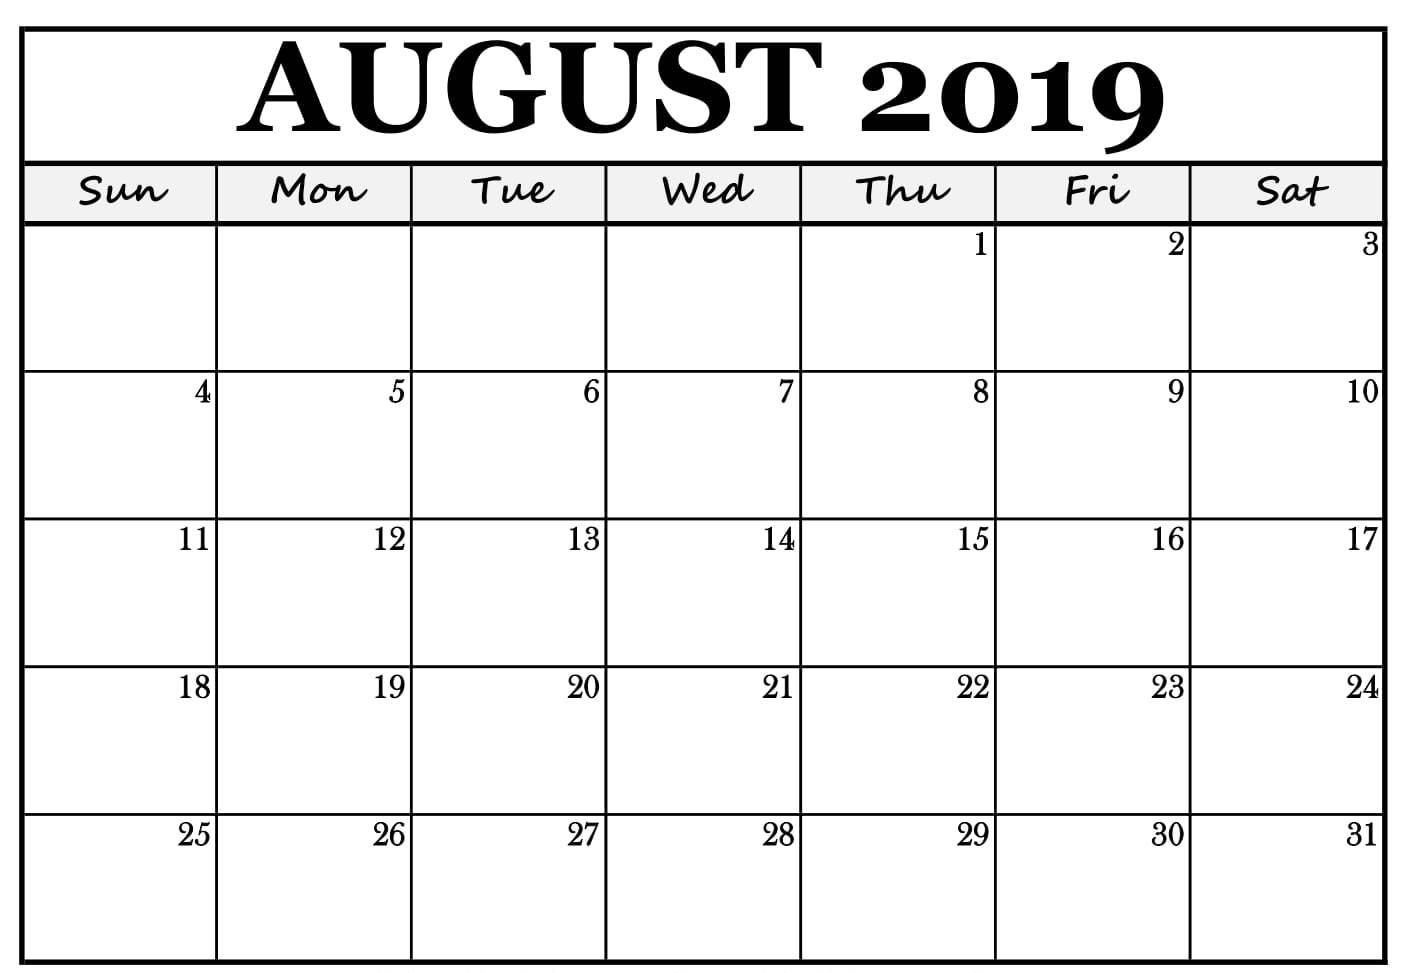 August 2019 Calendar Blank Template